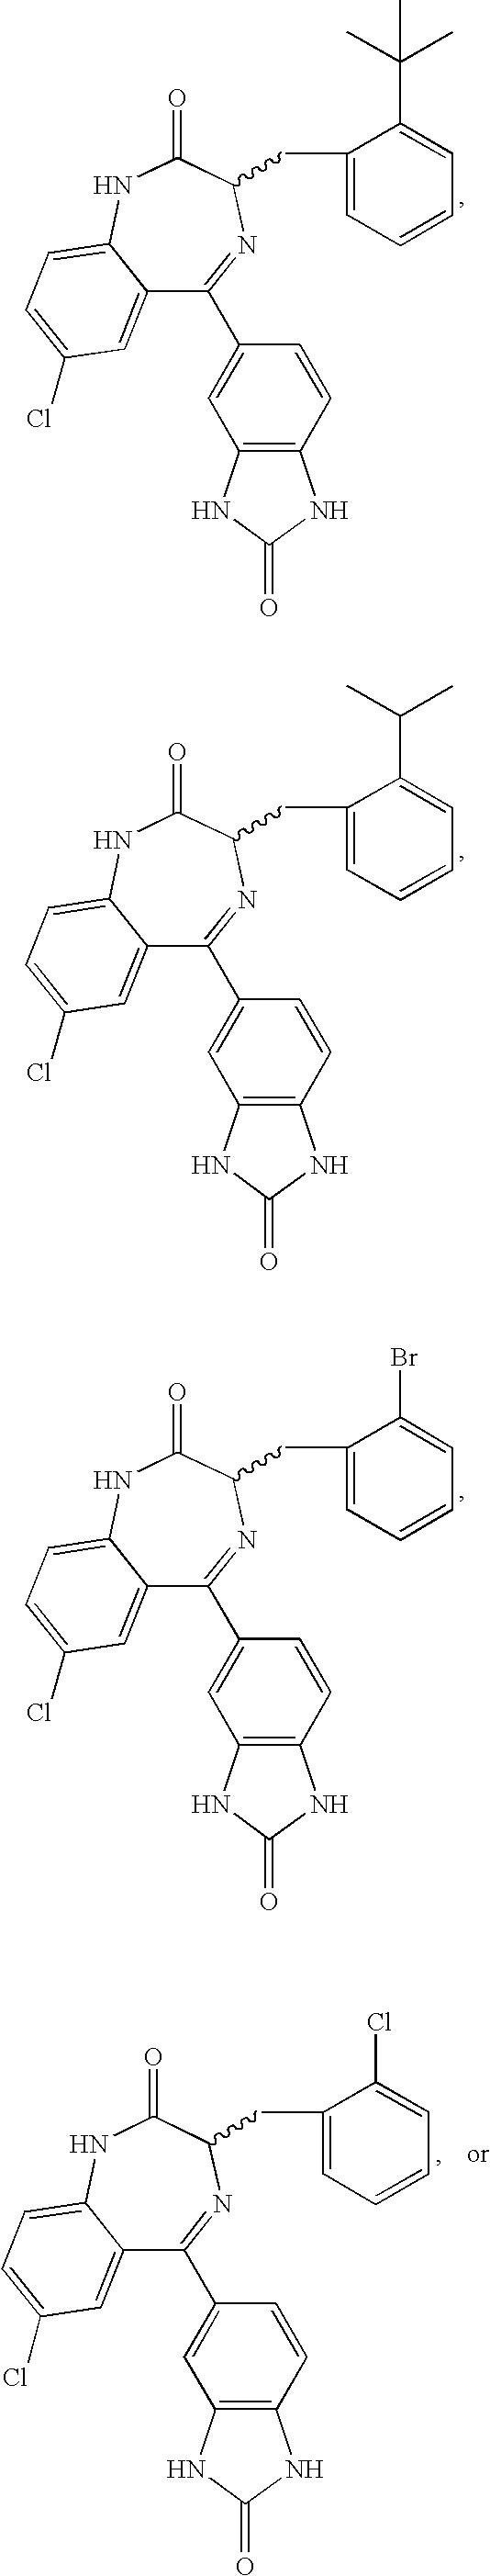 Figure US07851465-20101214-C00132